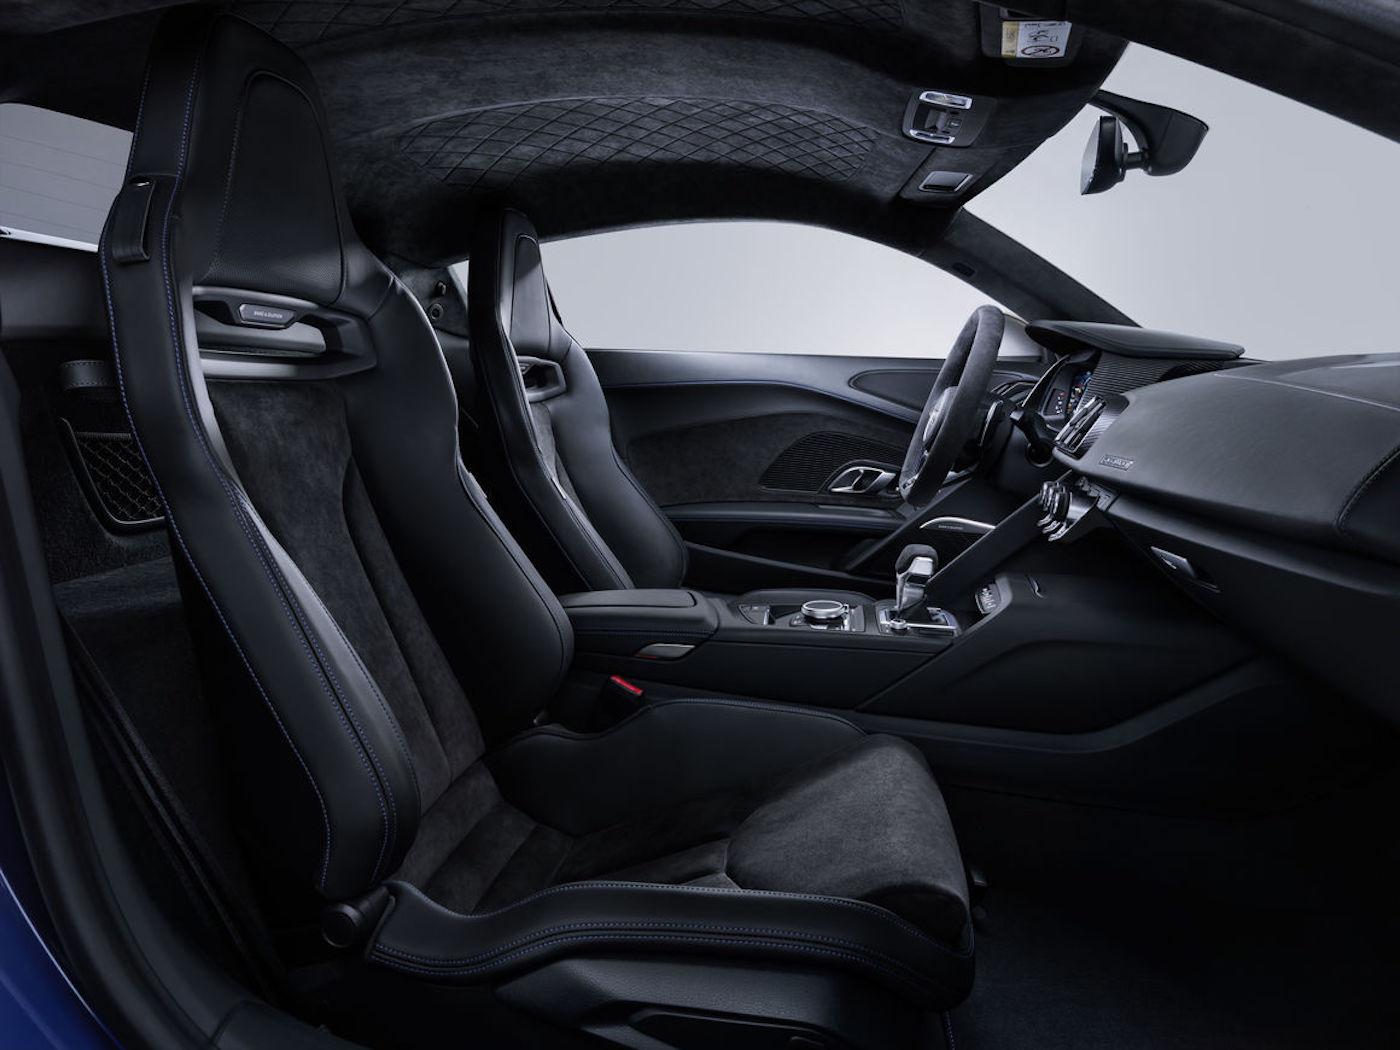 Schneller & schärfer: Das ist der neue Audi R8 10